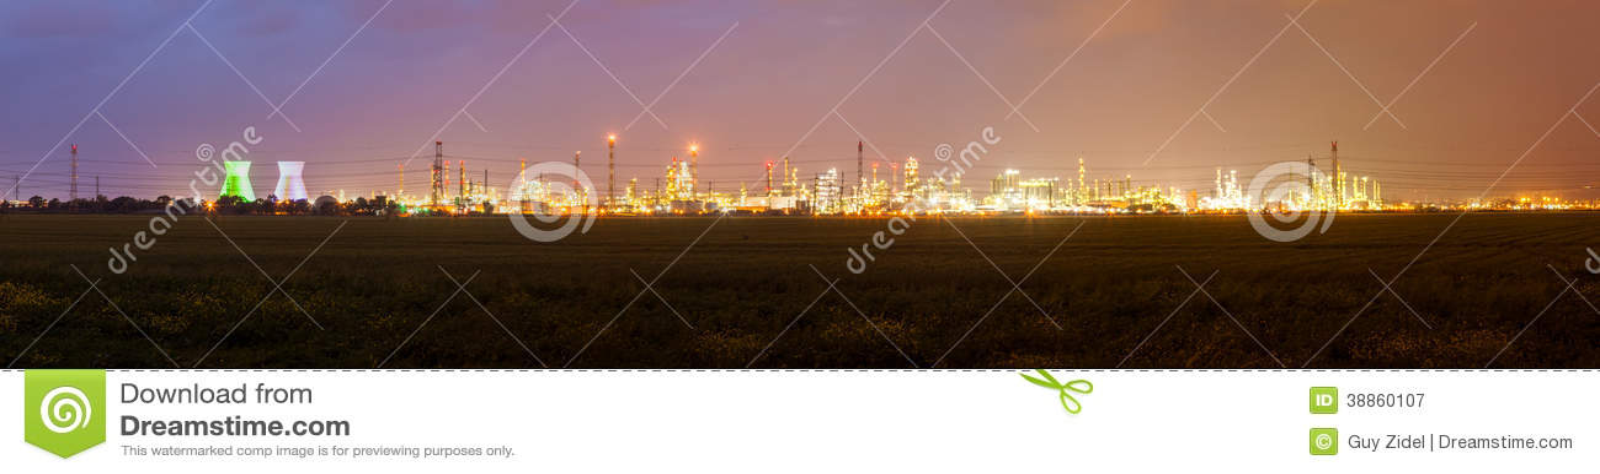 Stadtlandschaft mit Lichtern des Industriegebiets und des elektrischen Schleppseiles